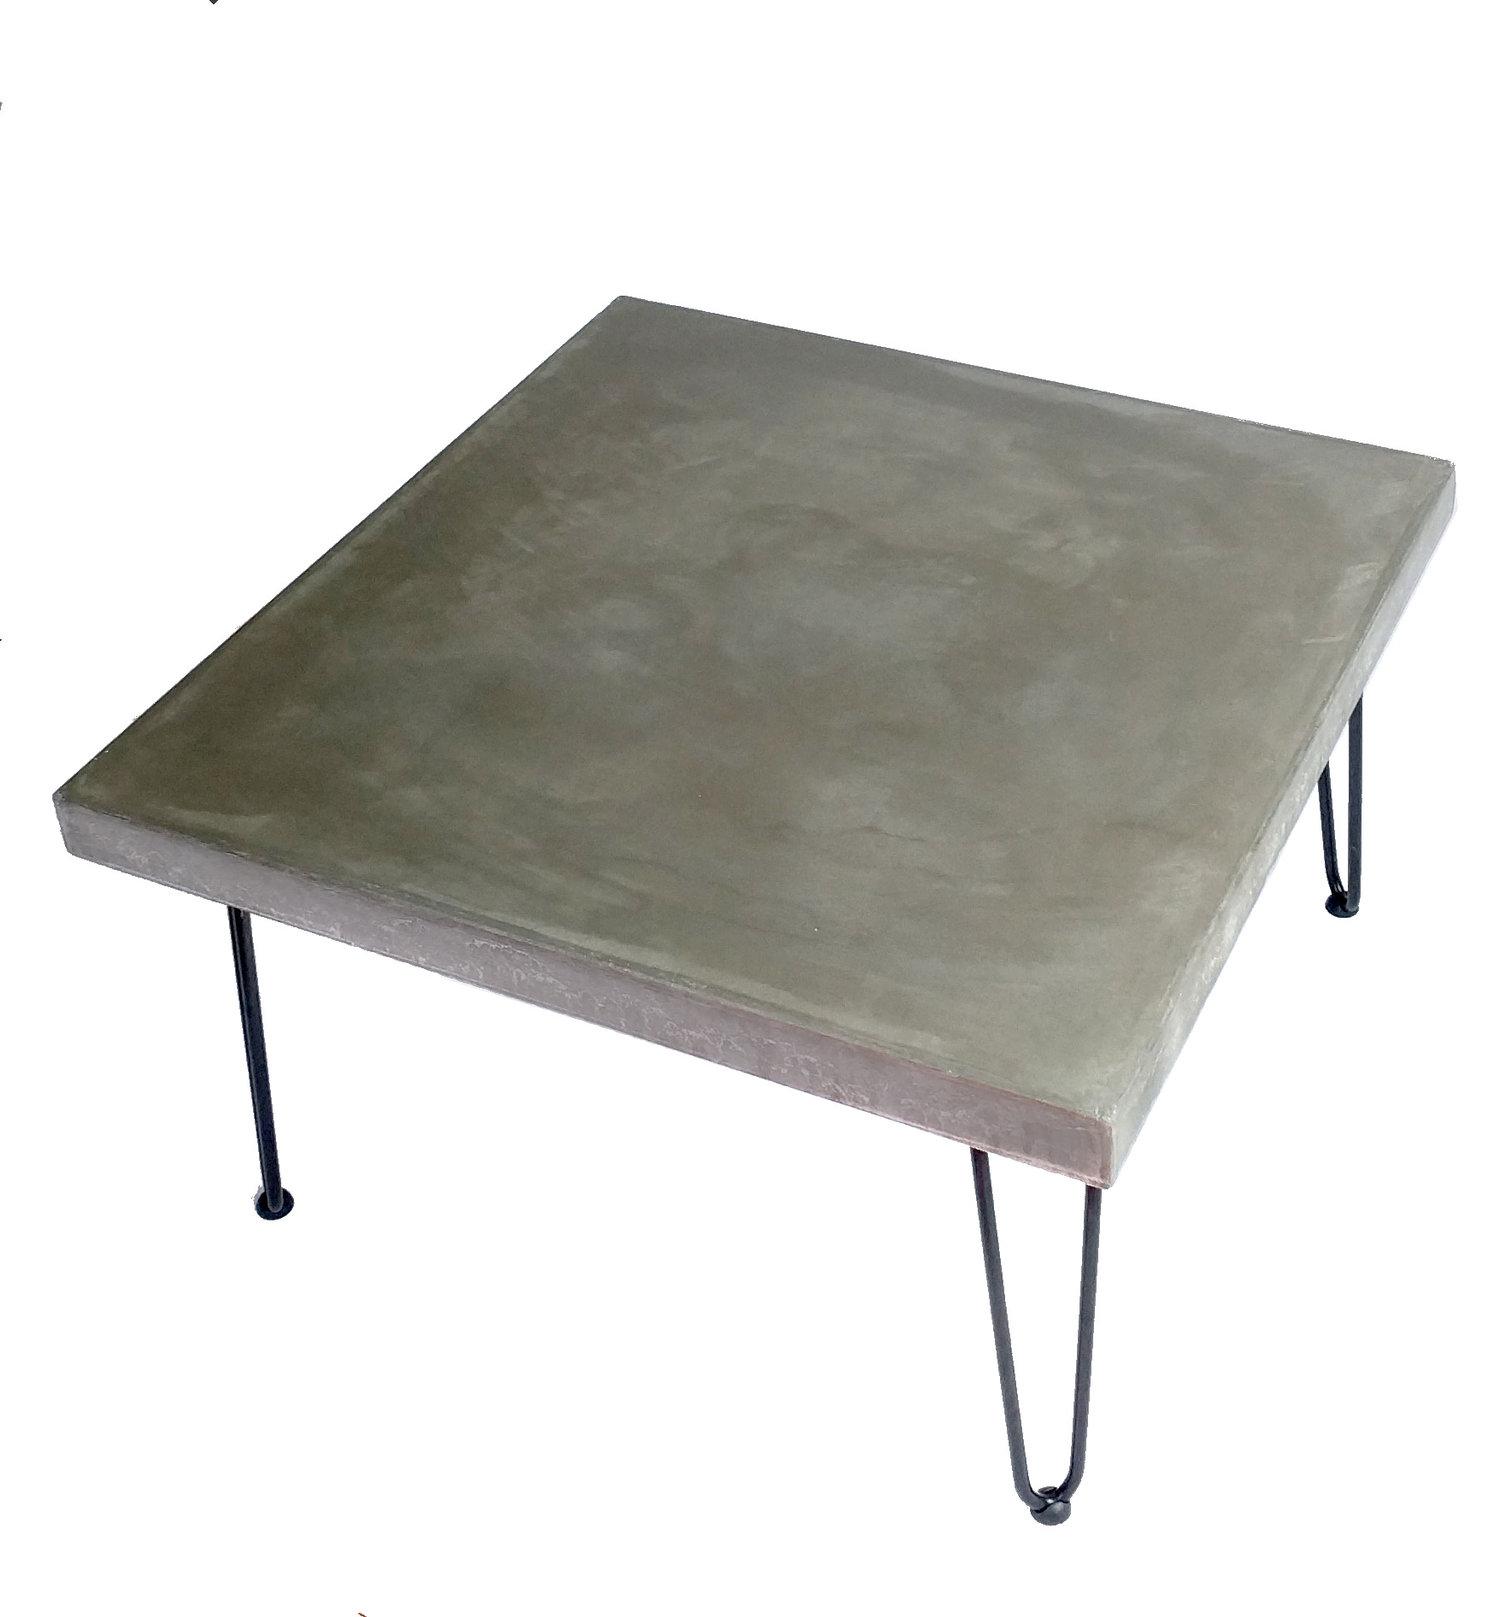 Square Concrete Coffee Table